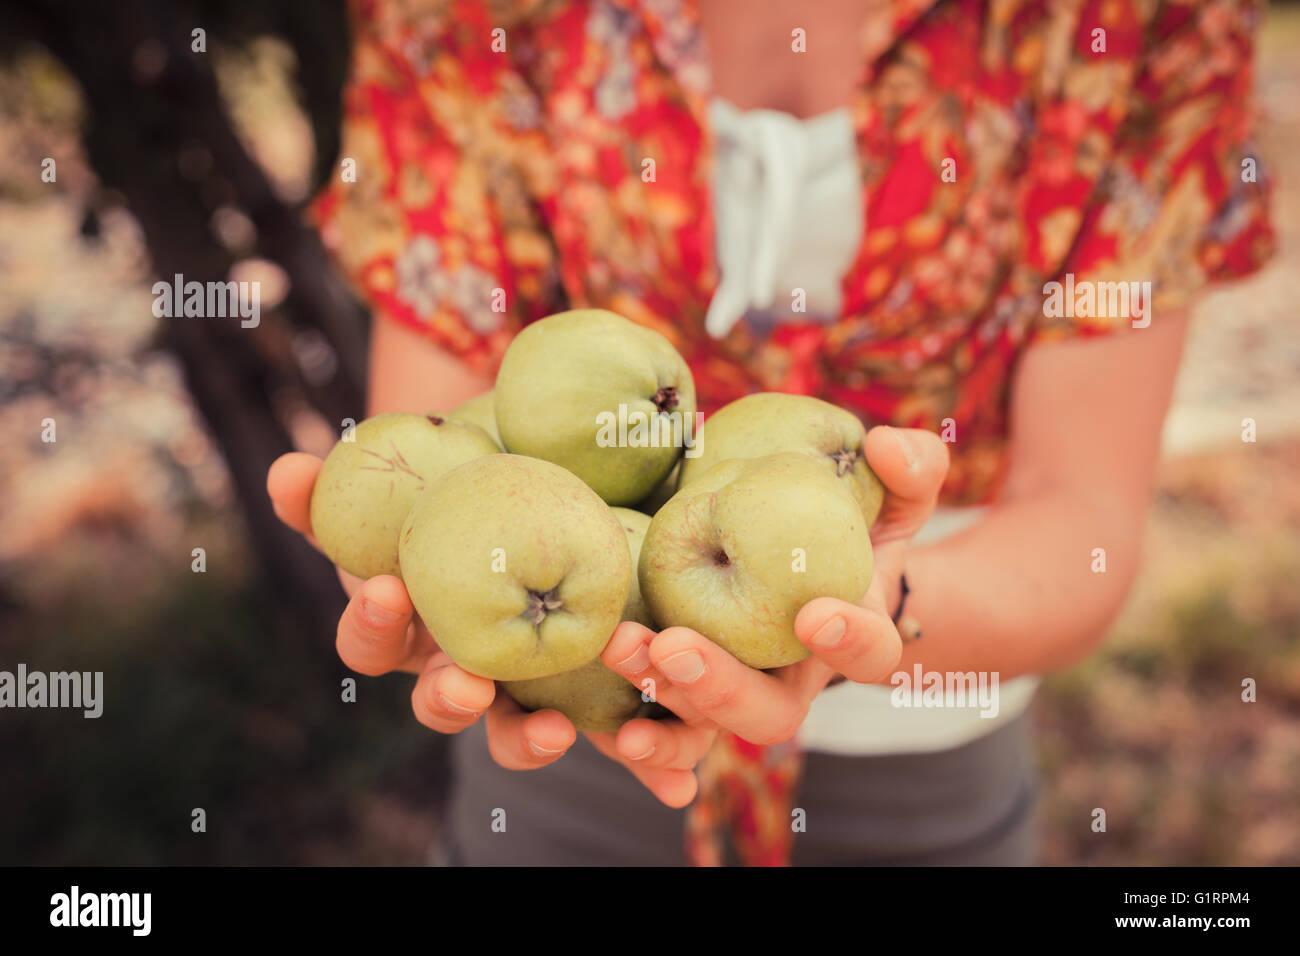 Una mujer joven está de pie debajo de un árbol y está sosteniendo un montón de manzanas Imagen De Stock